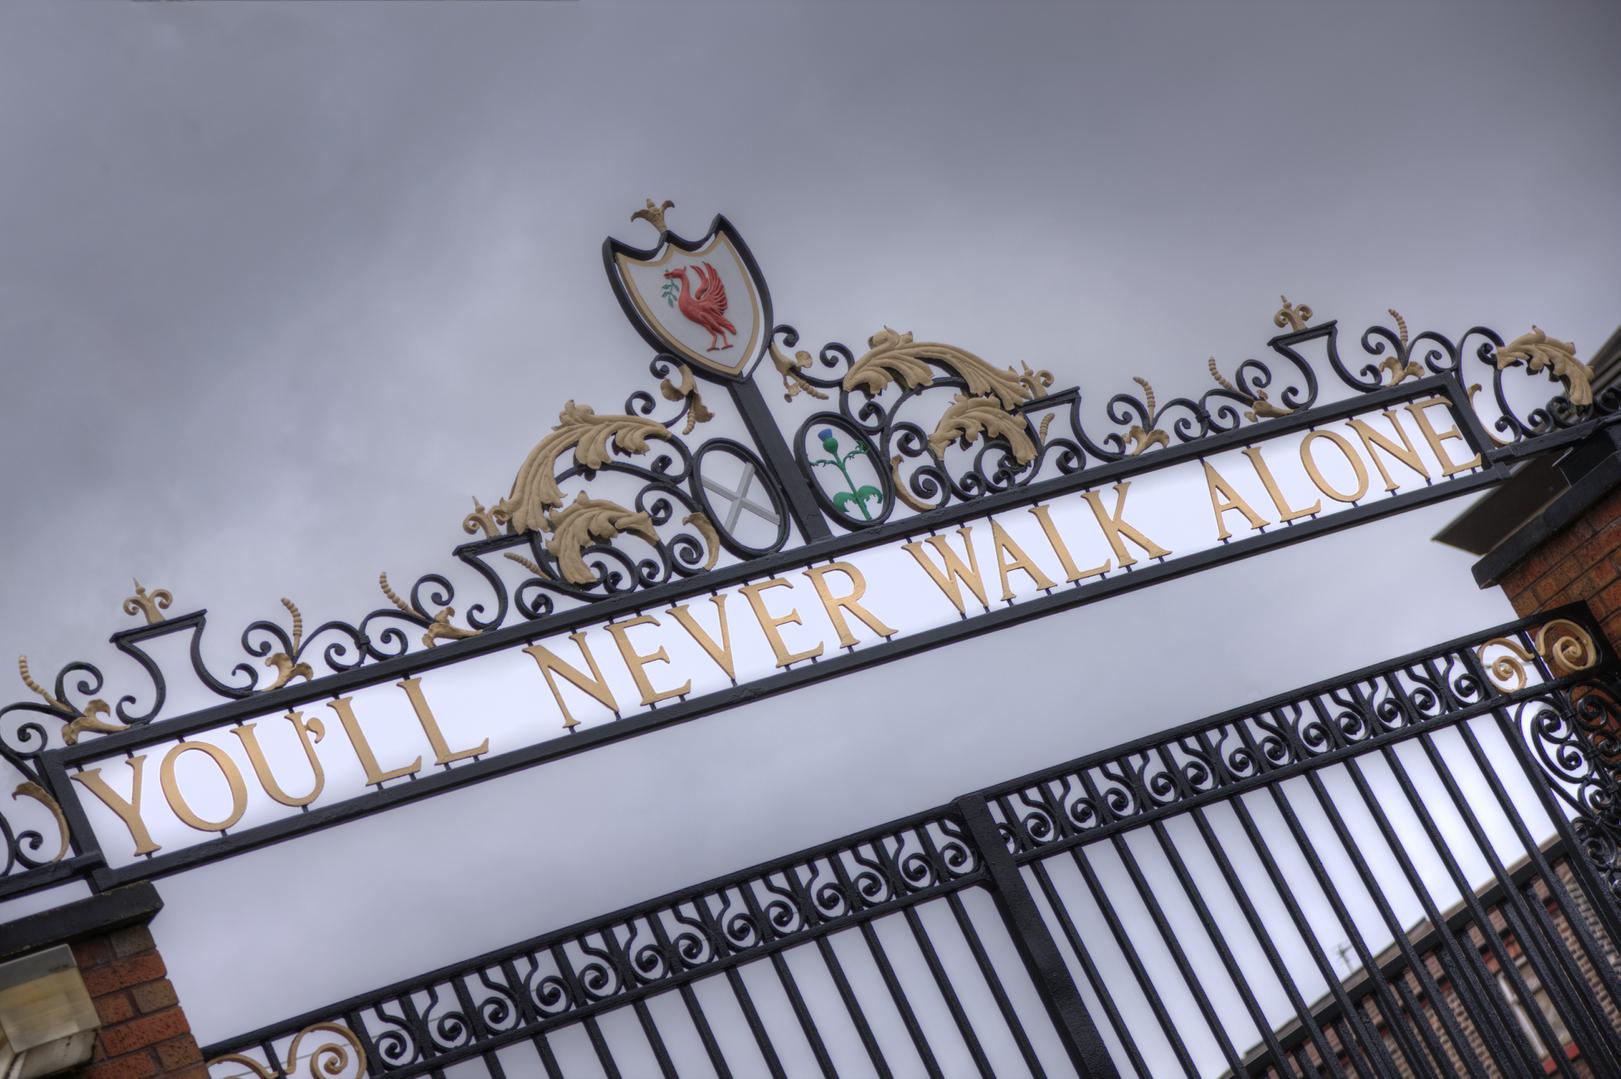 You'll Never Walk Alone = Você nunca caminha sozinho - é parte da letra do hino do Liverpool football club